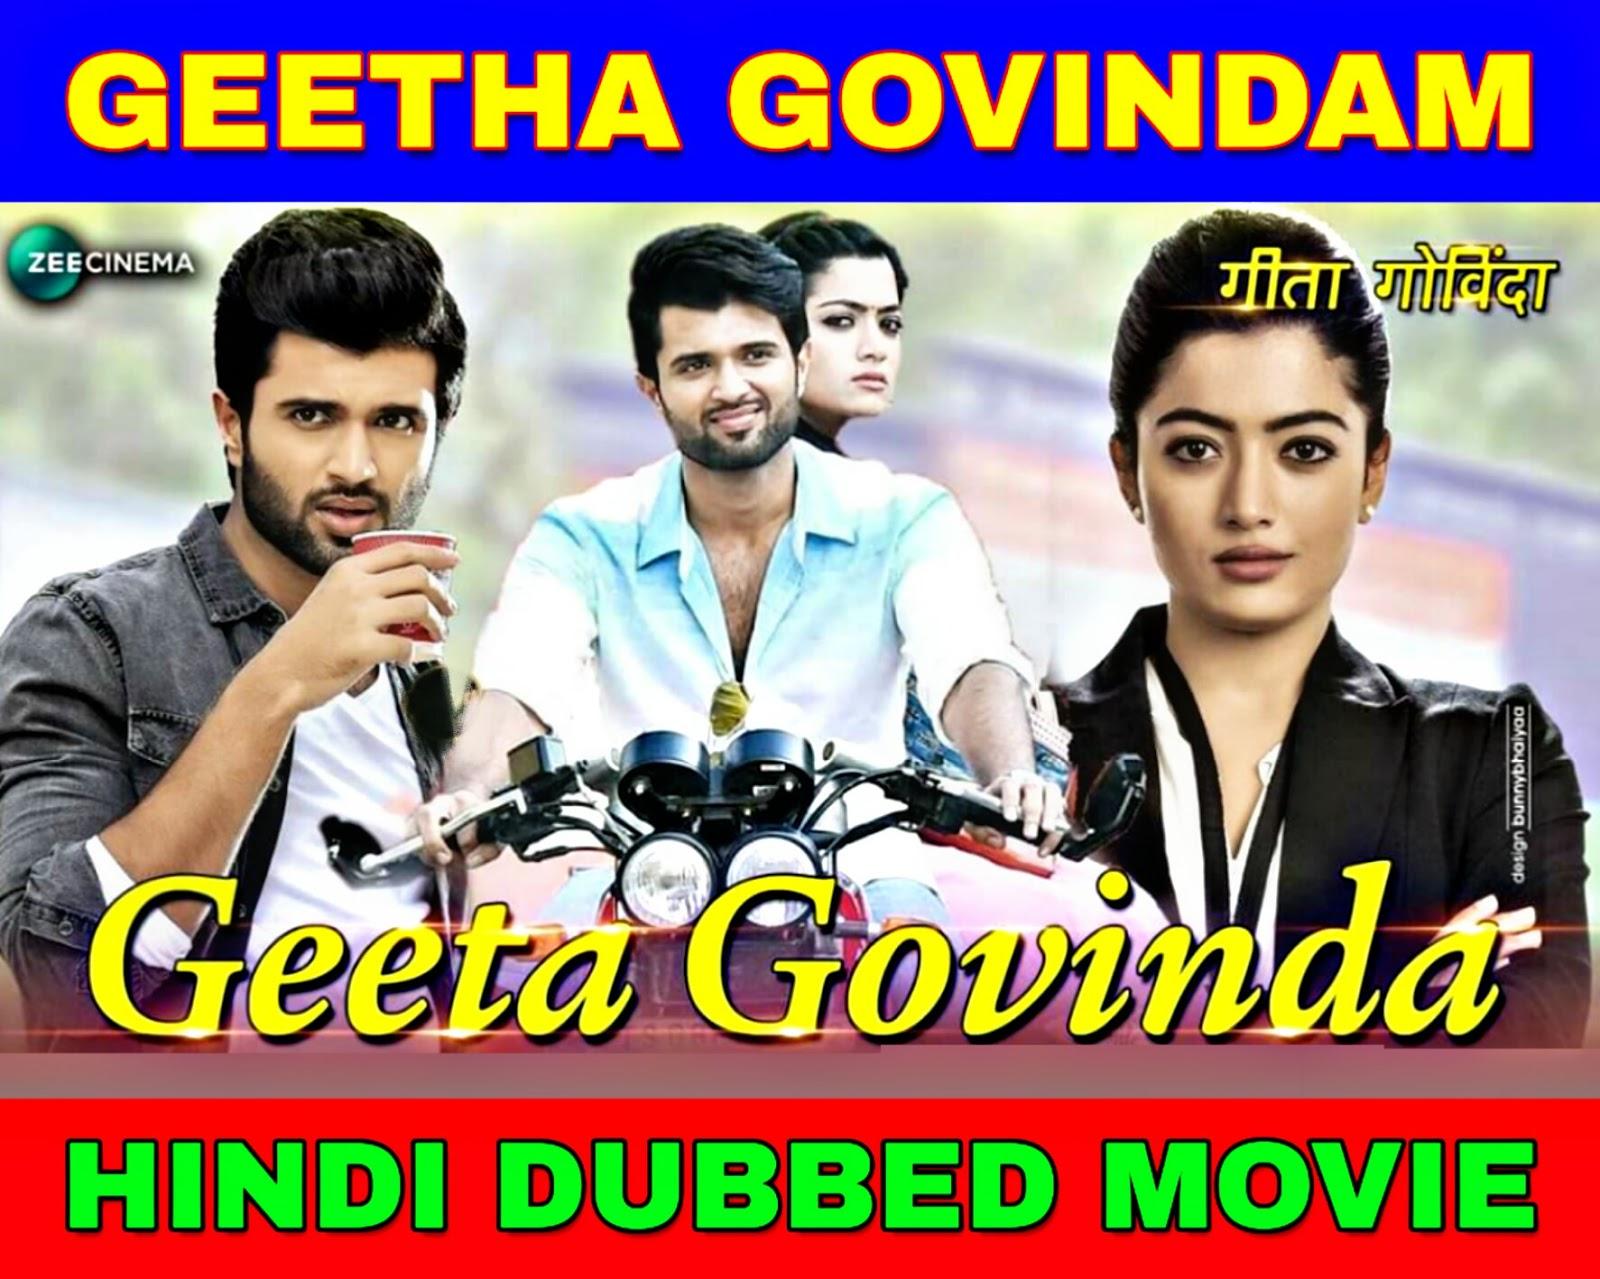 Geetha govindam torrent magnet